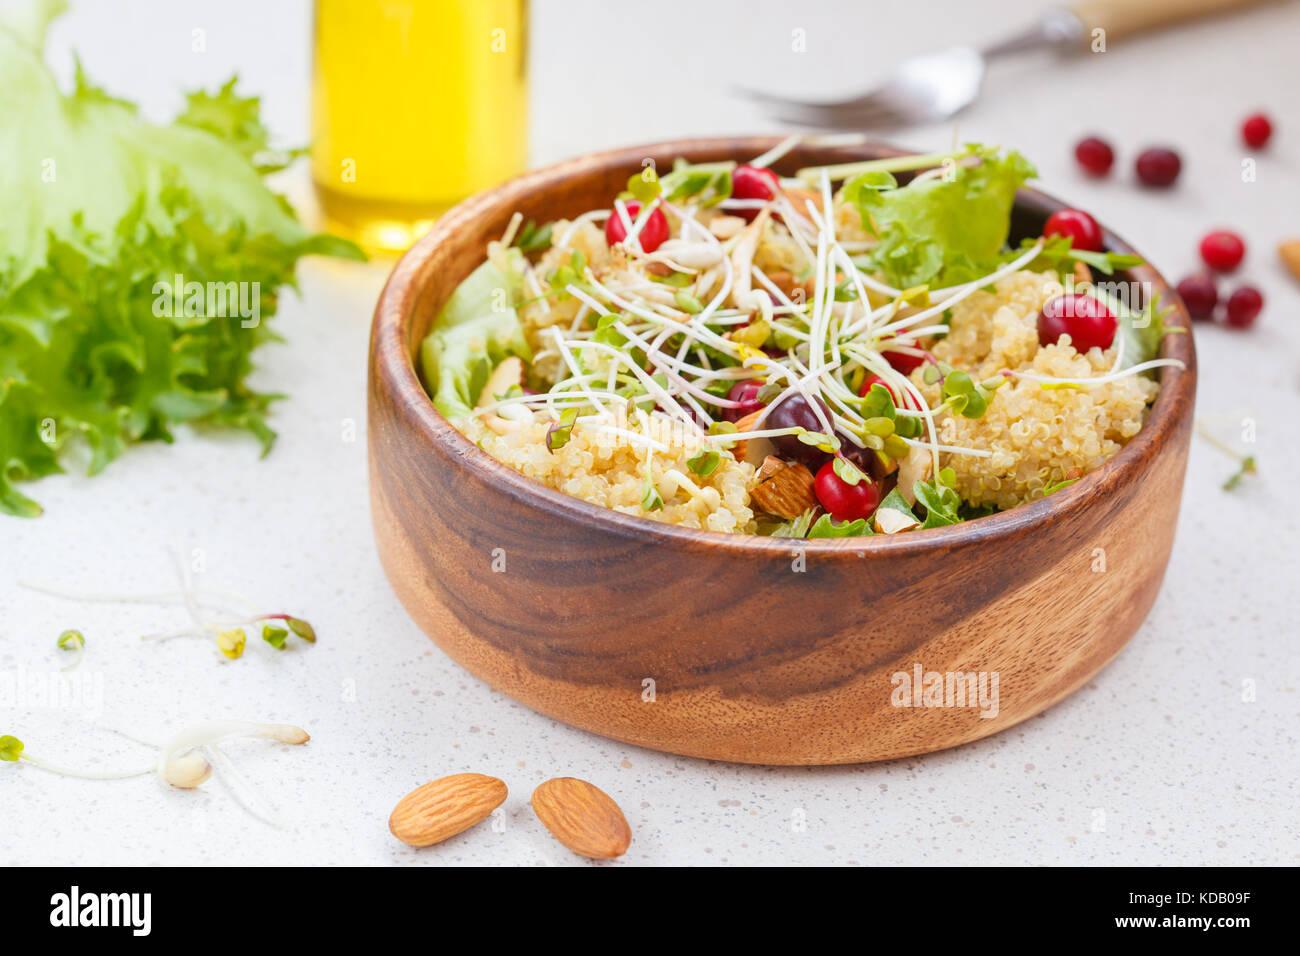 Avec Salade de quinoa, canneberges et amandes. vegan food concept Photo Stock